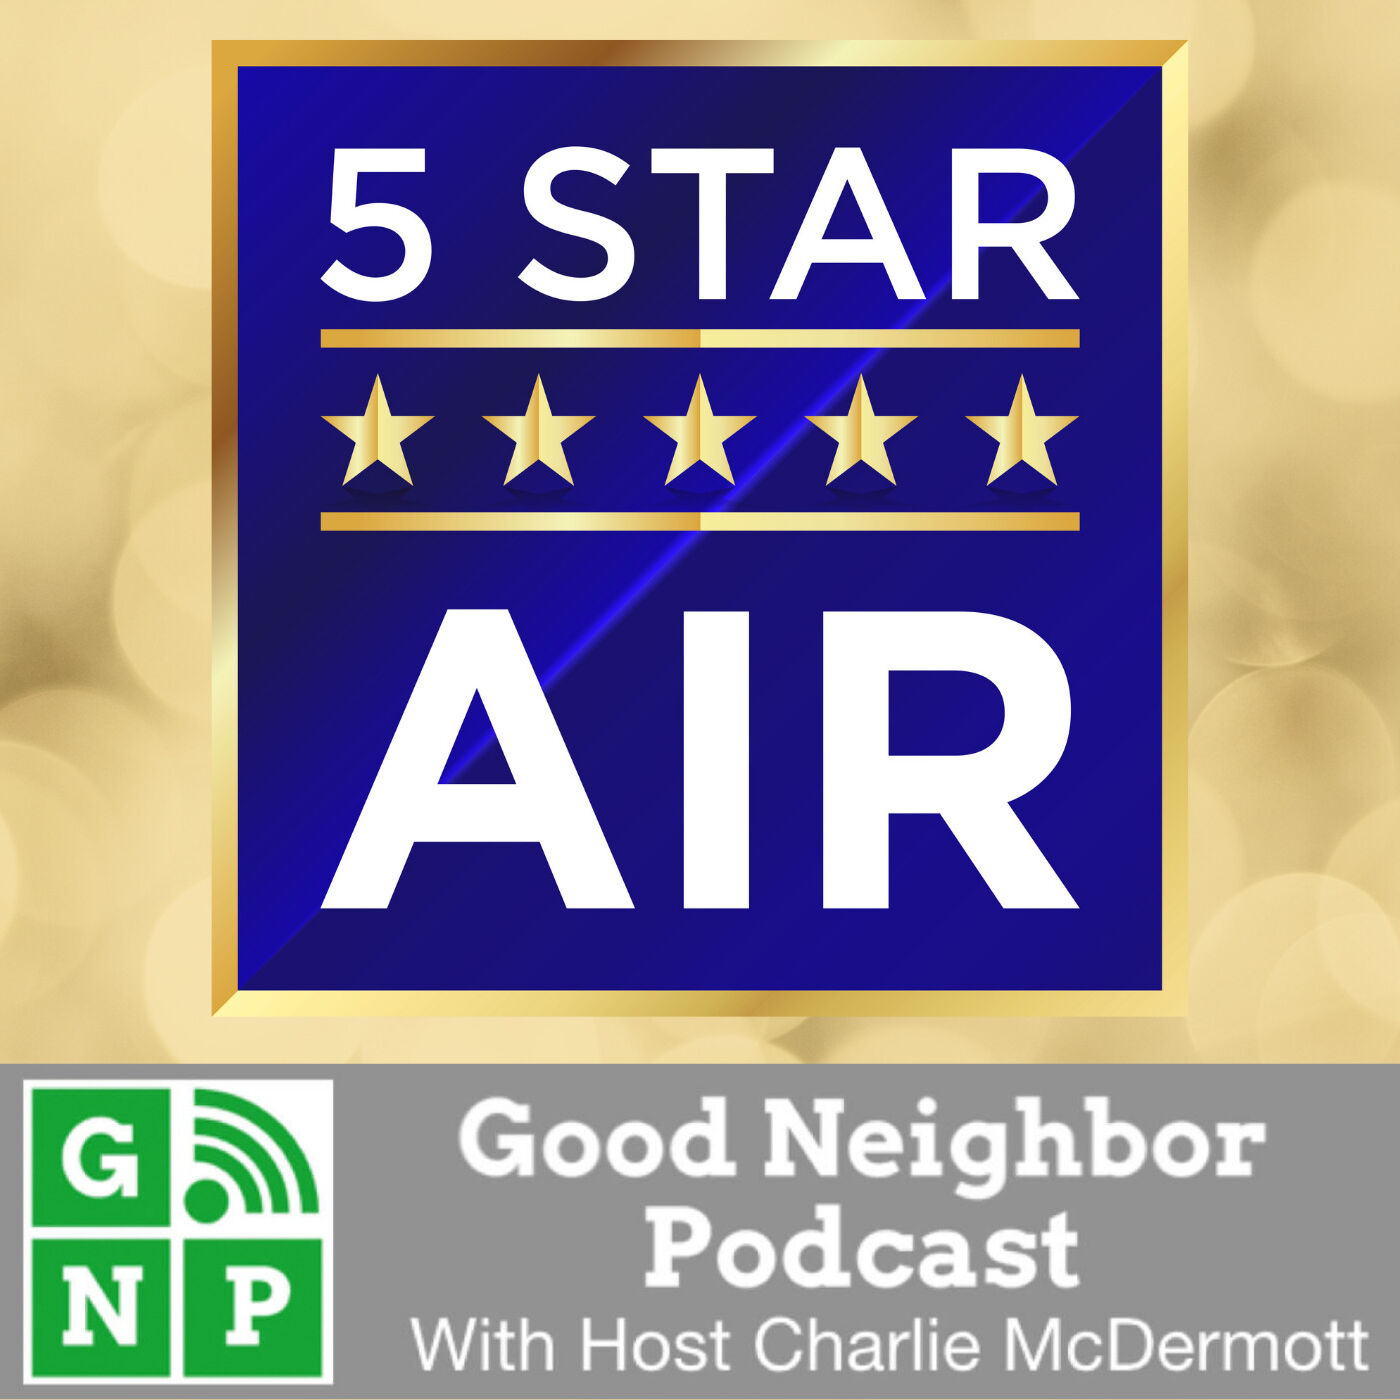 EP #441: 5 Star Air with Danielle & Christopher Kagan